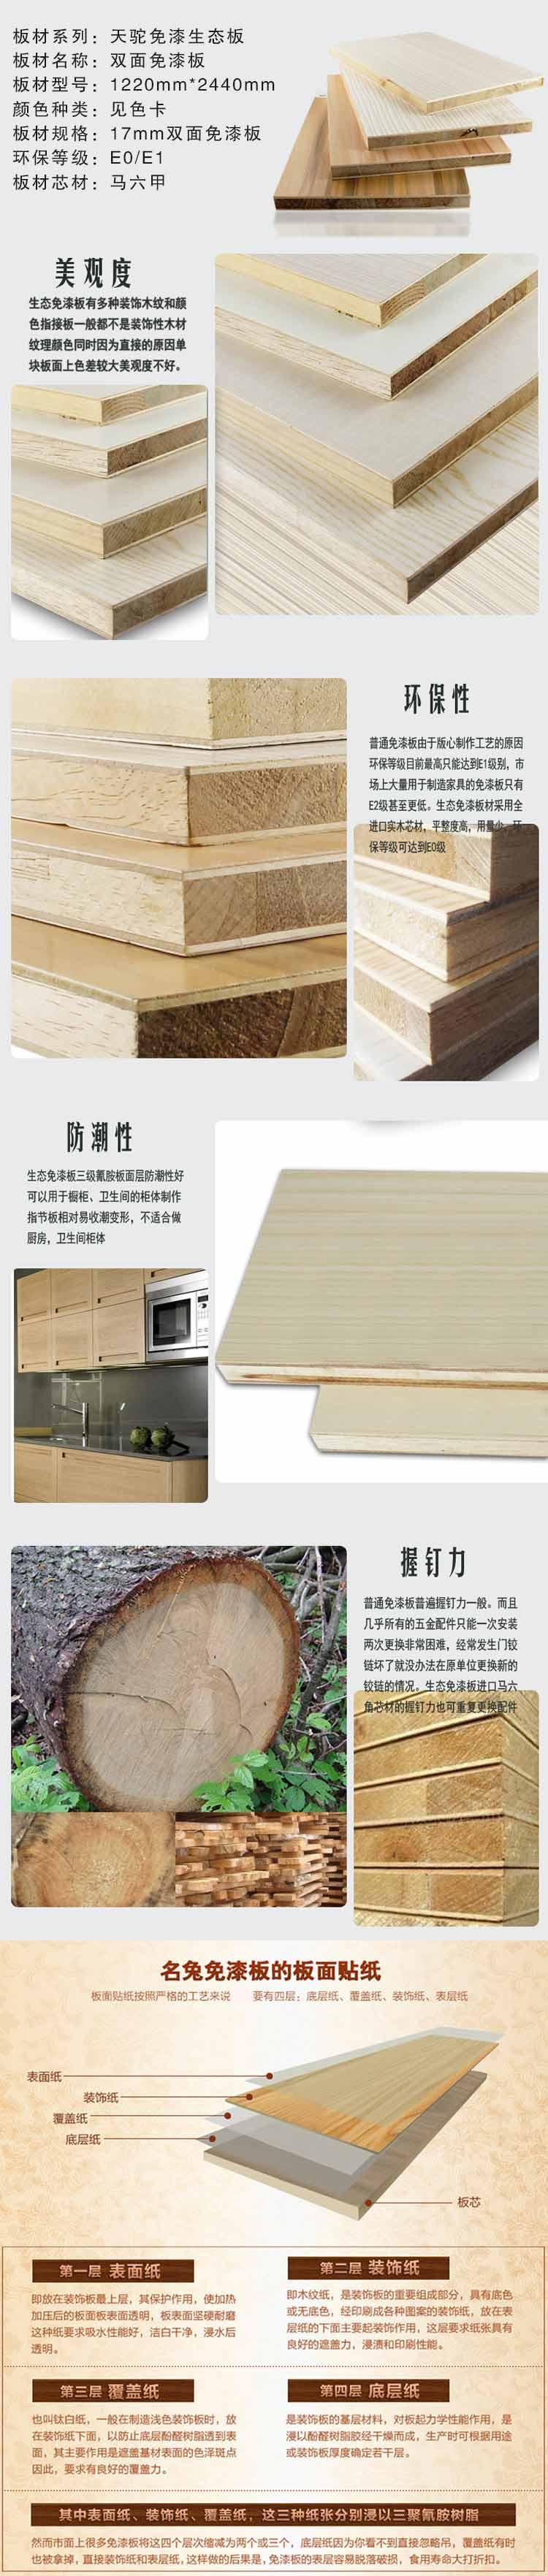 生态板工艺展示